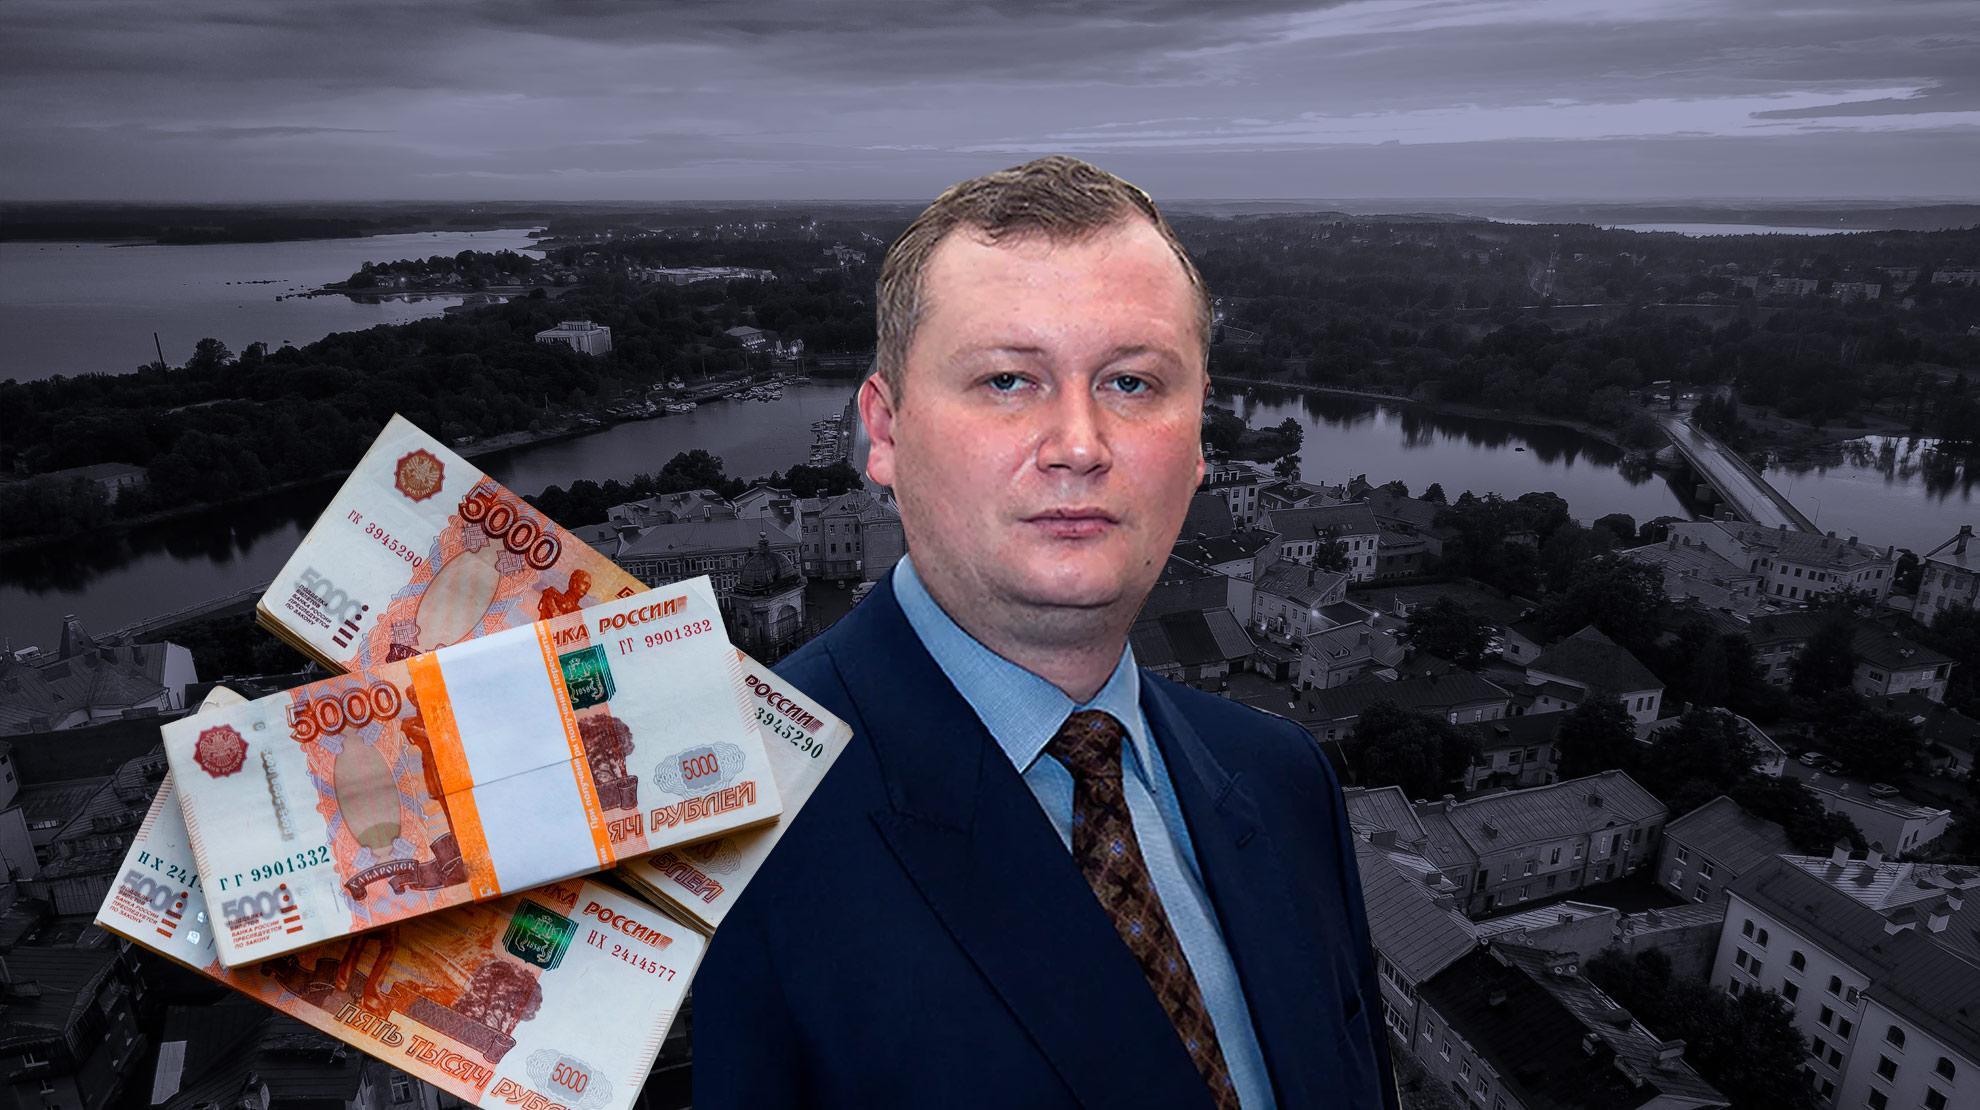 Афера с видами на Москву. Чиновника из Выборга подозревают в хищении 700 млн, на которые он хотел купить должность в столице